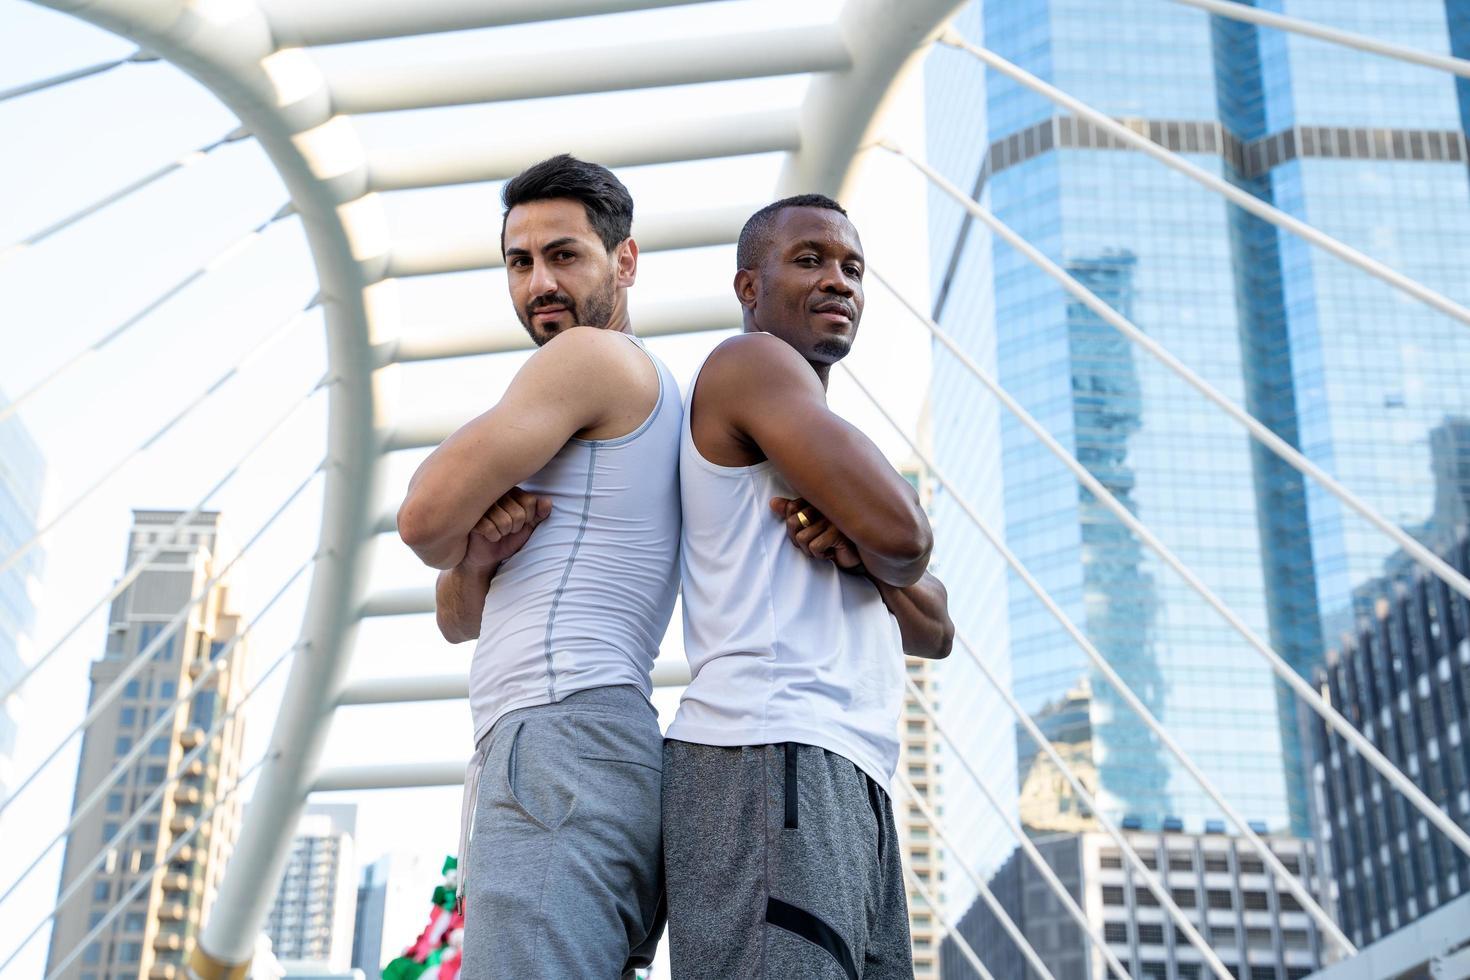 två män som står rygg mot rygg i atletiska kläder foto